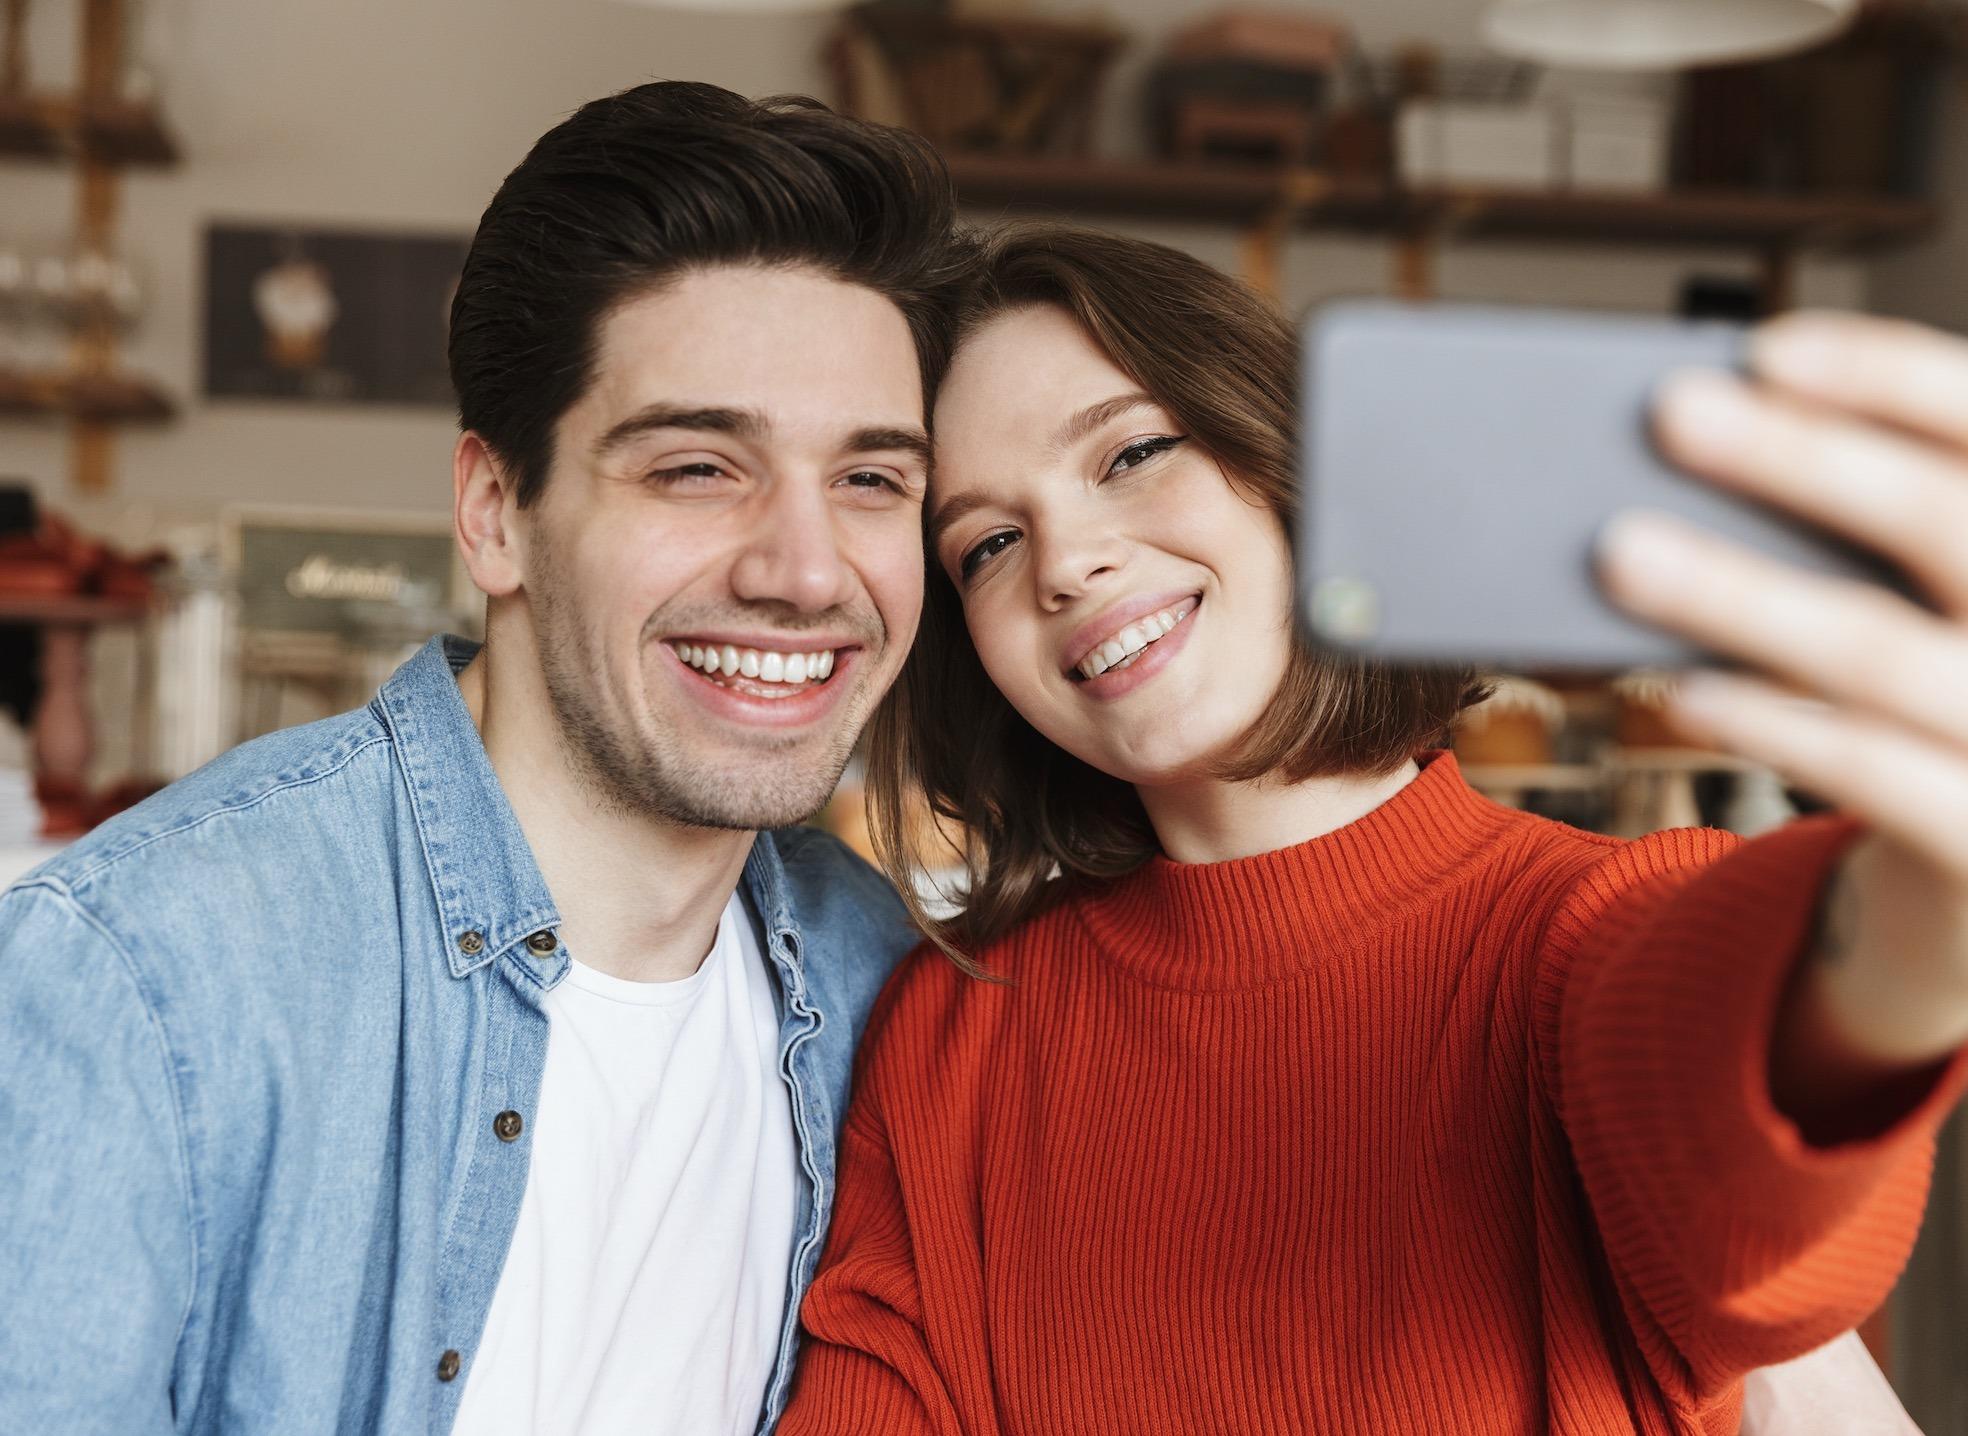 Couple taking selfie smiling with veneers